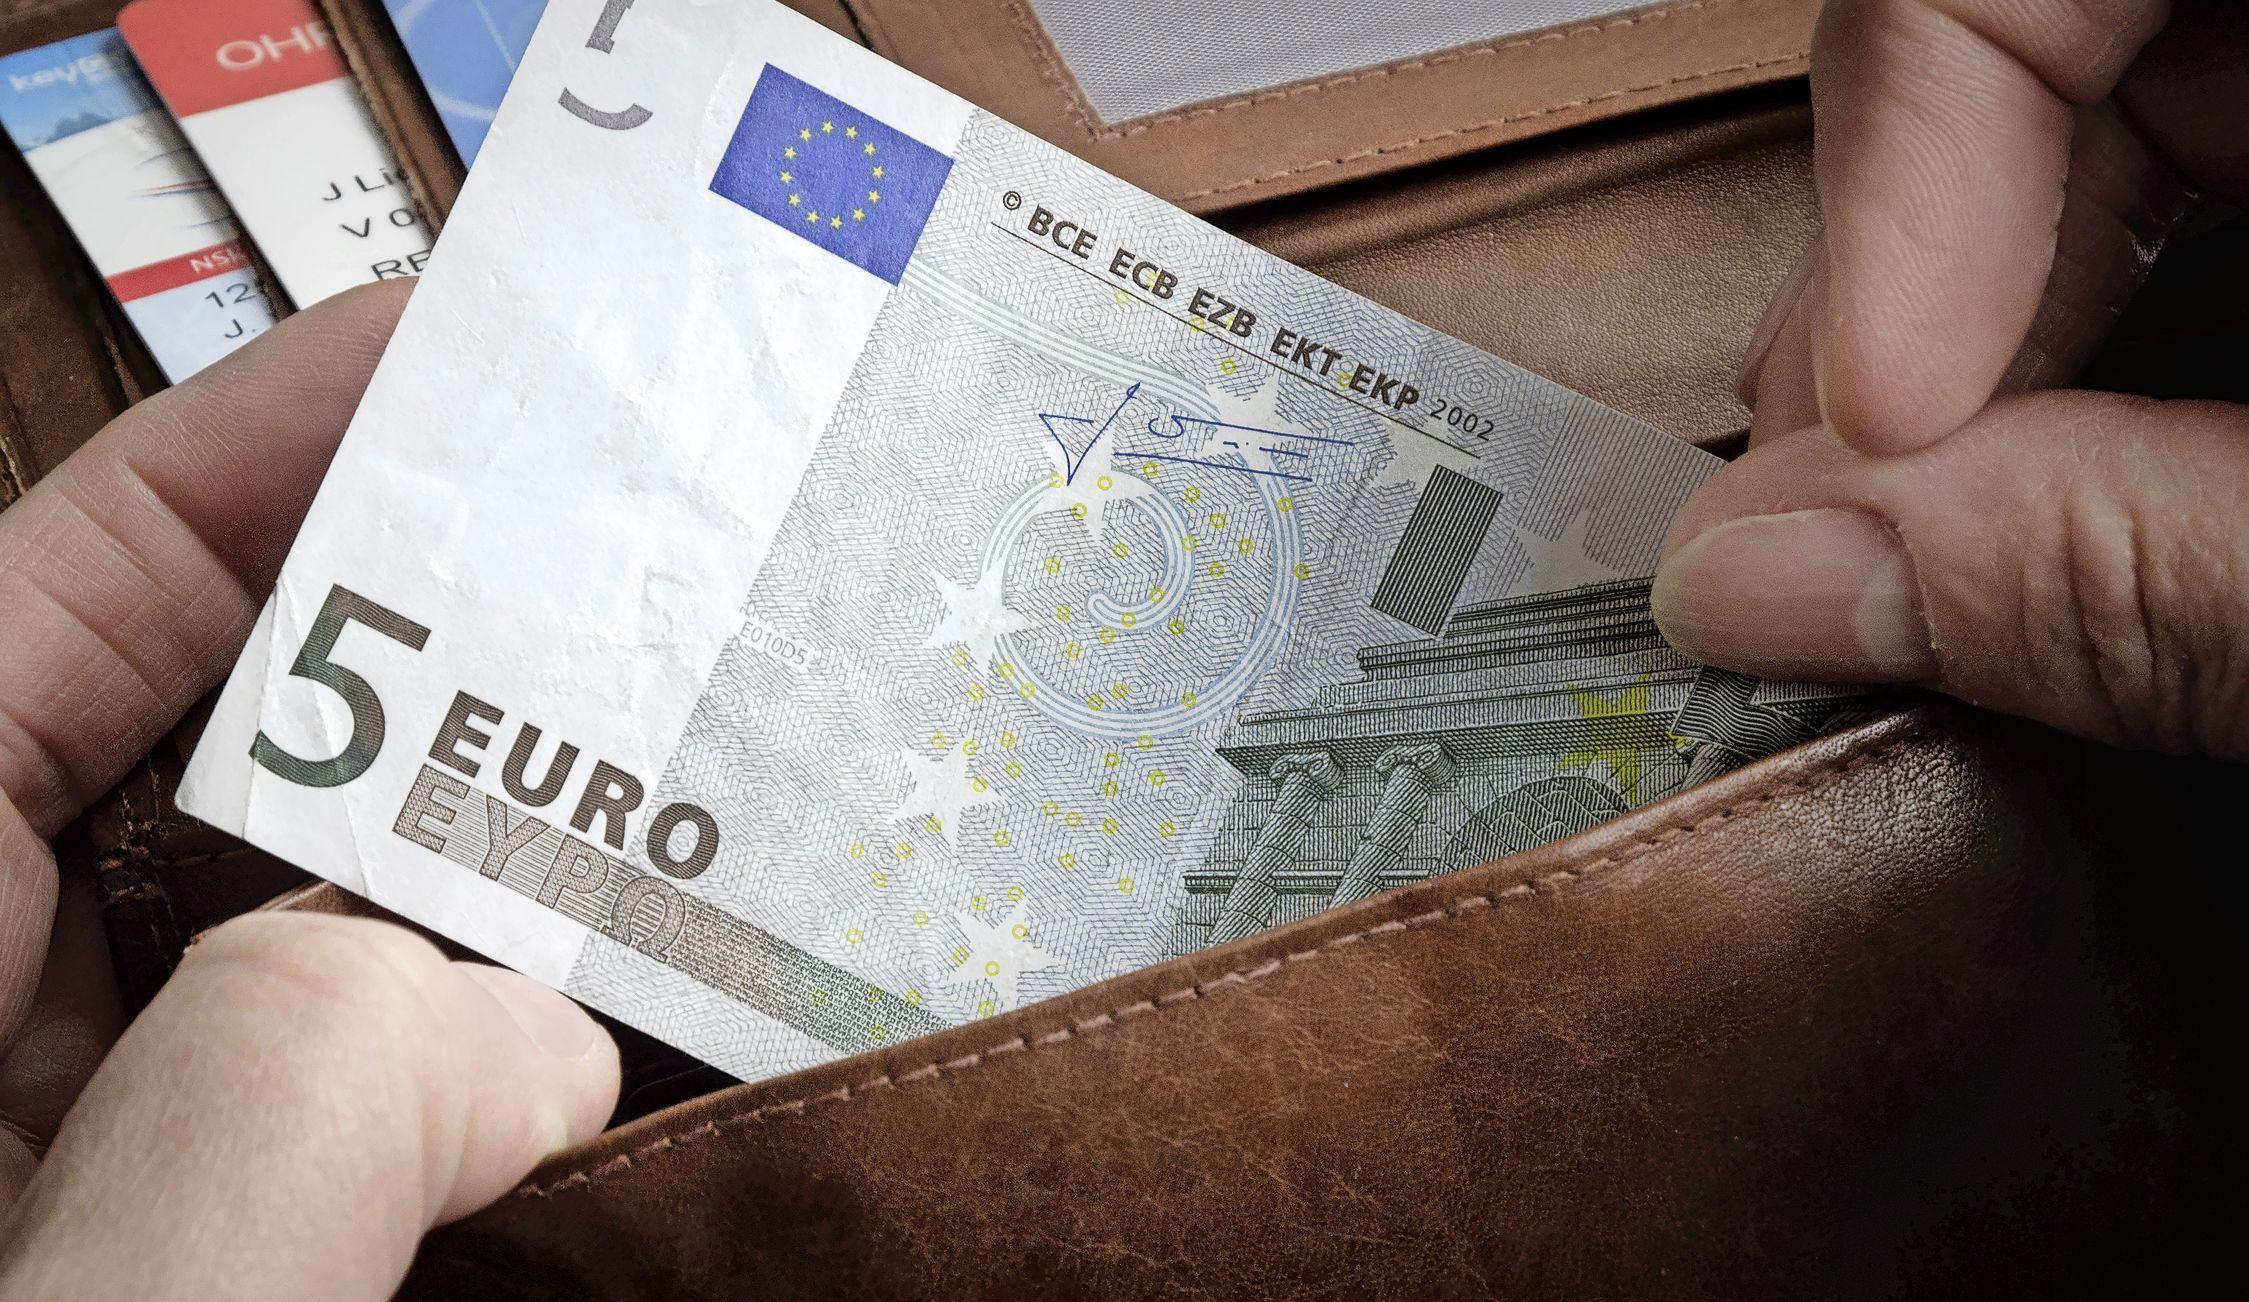 Bijstandsgerechtigden mogen niet honderden euro's per maand bijverdienen, dus Den Helder gaat niet beginnen aan experimenten zoals in Amsterdam